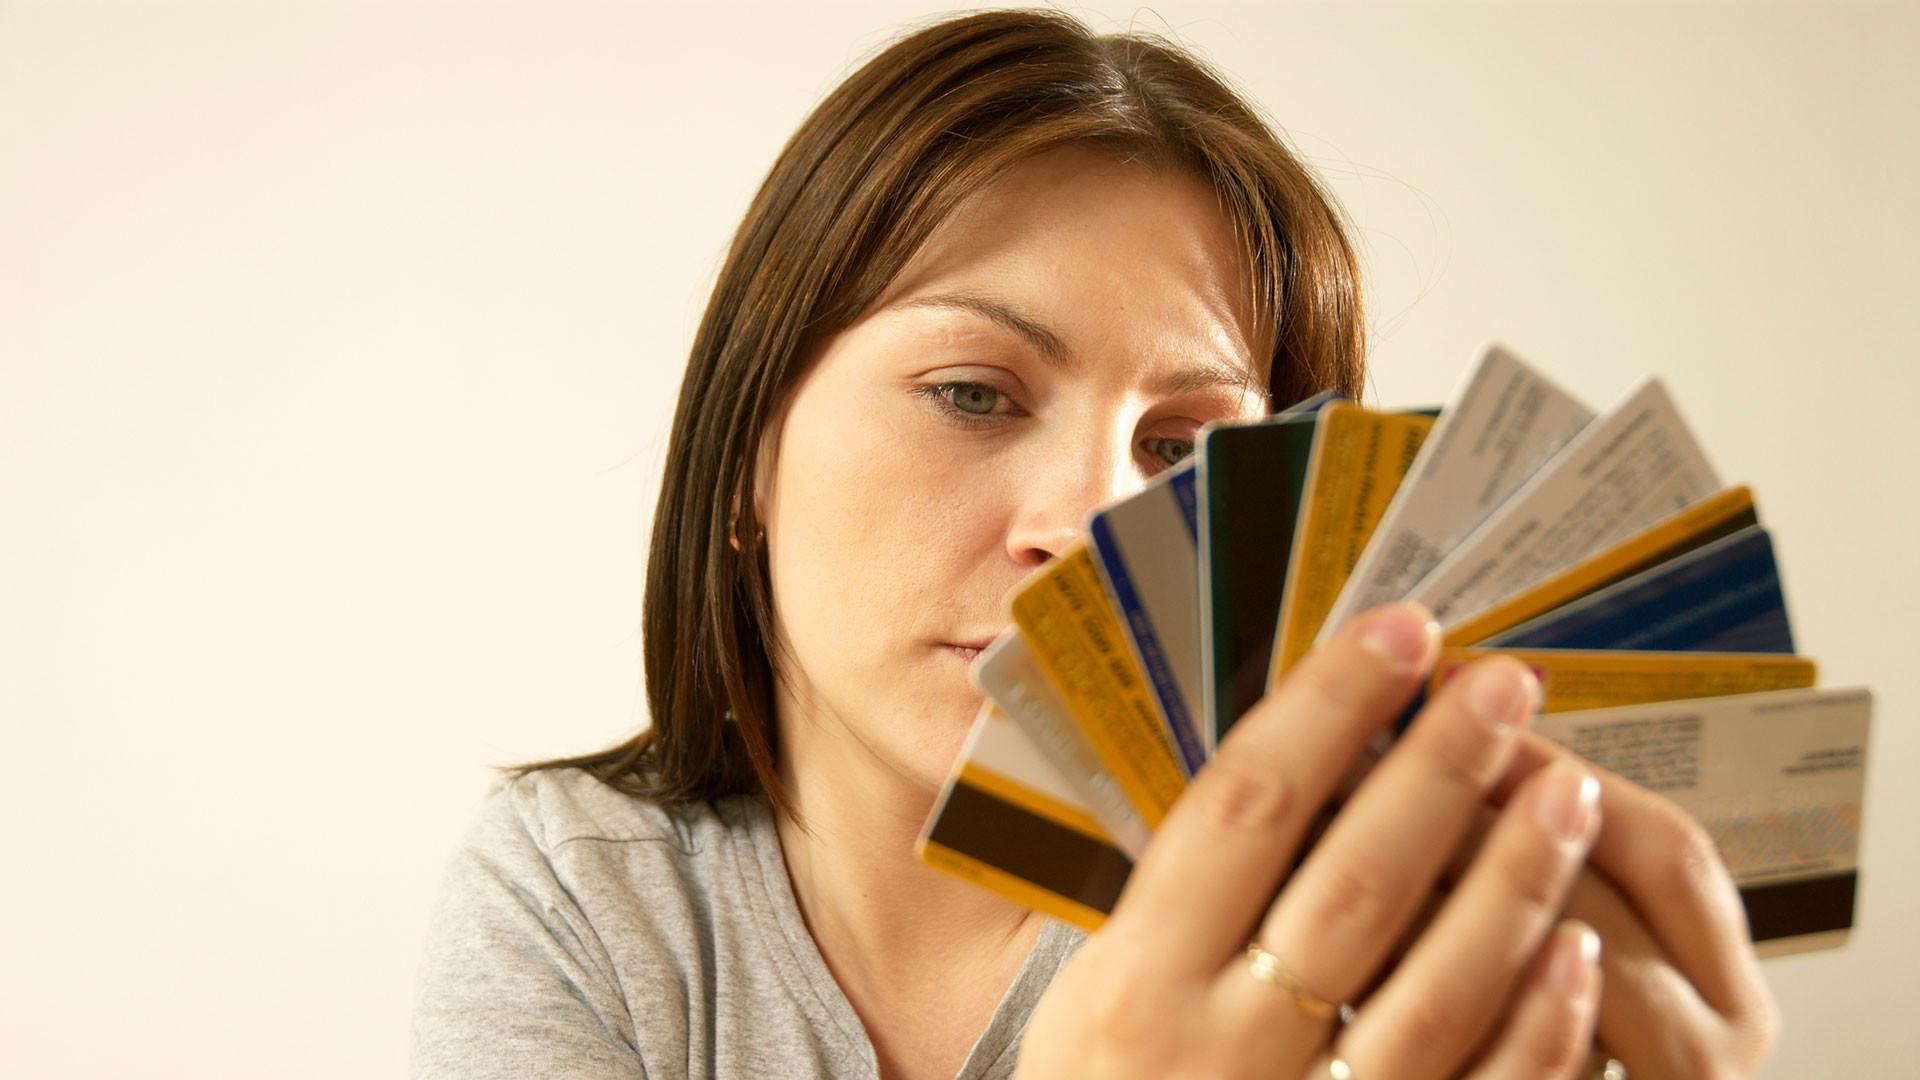 Банки начали выдавать кредитные карты с лимитом в 10 копеек